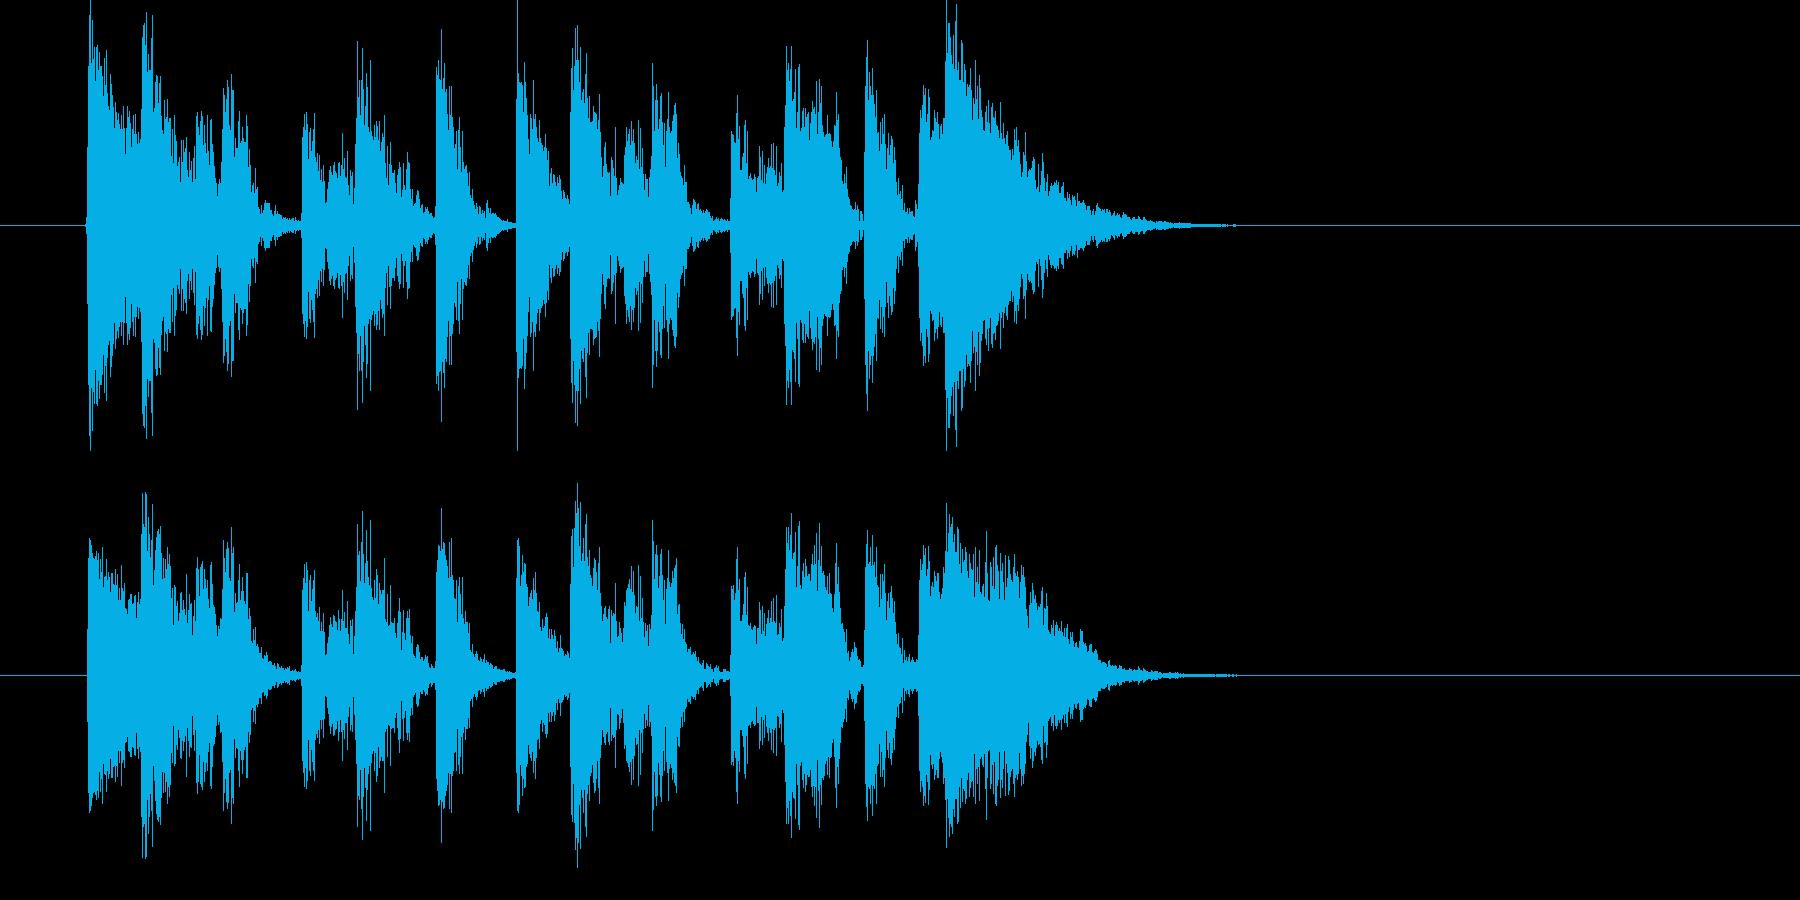 攻撃的なテクノミュージックの再生済みの波形